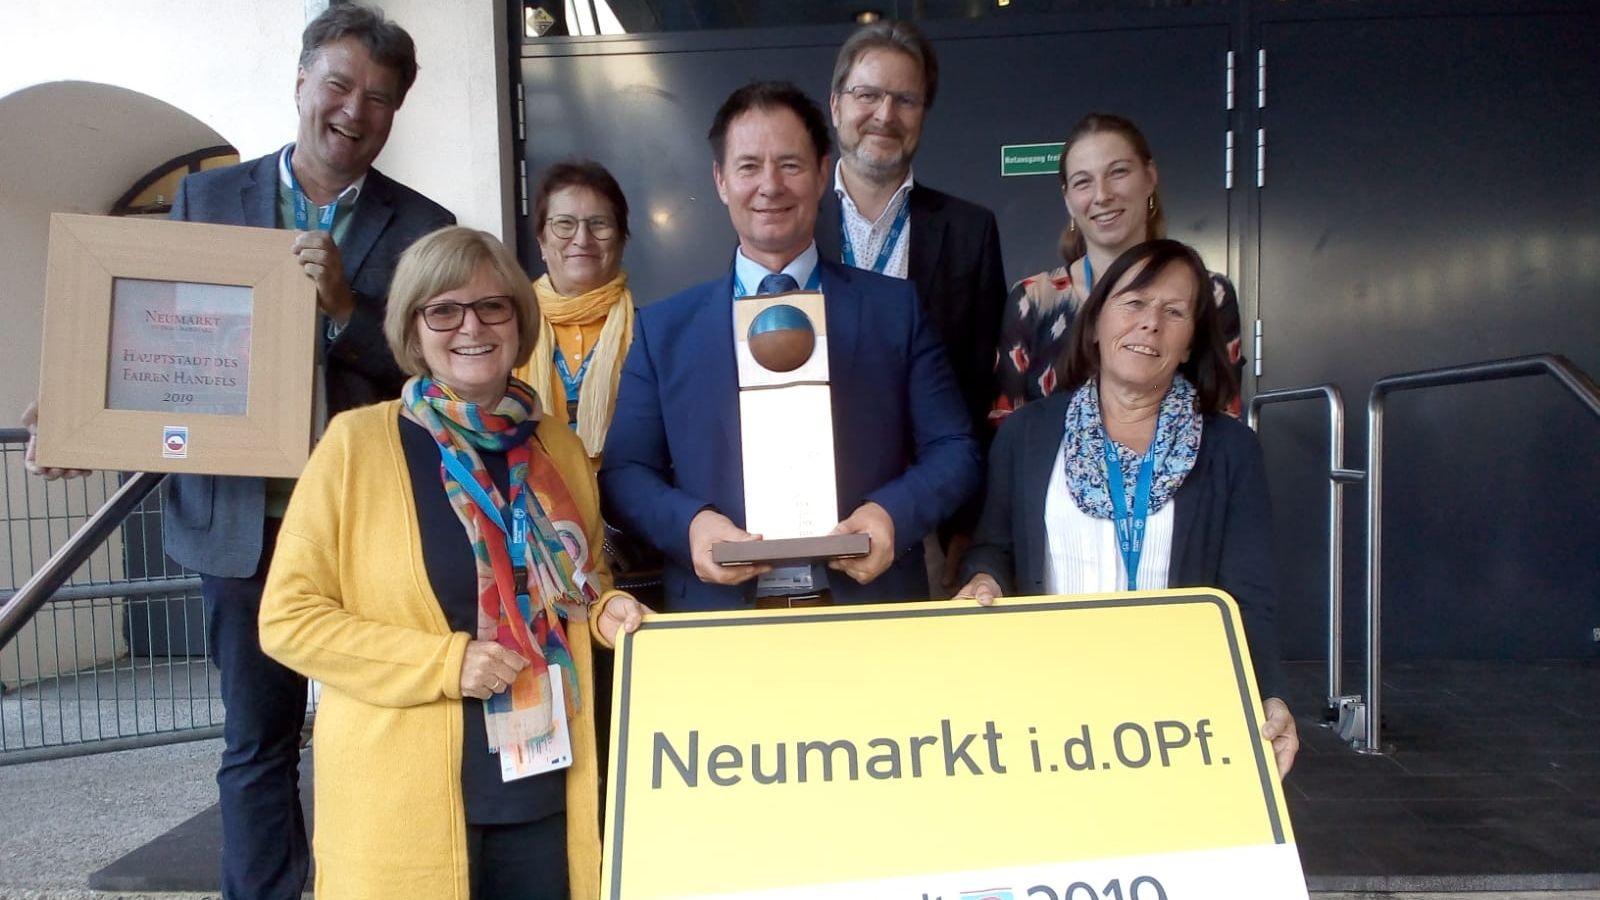 Die Delegation um Oberbürgermeister Thomas Thumann (Mitte) mit der Siegestrophäe